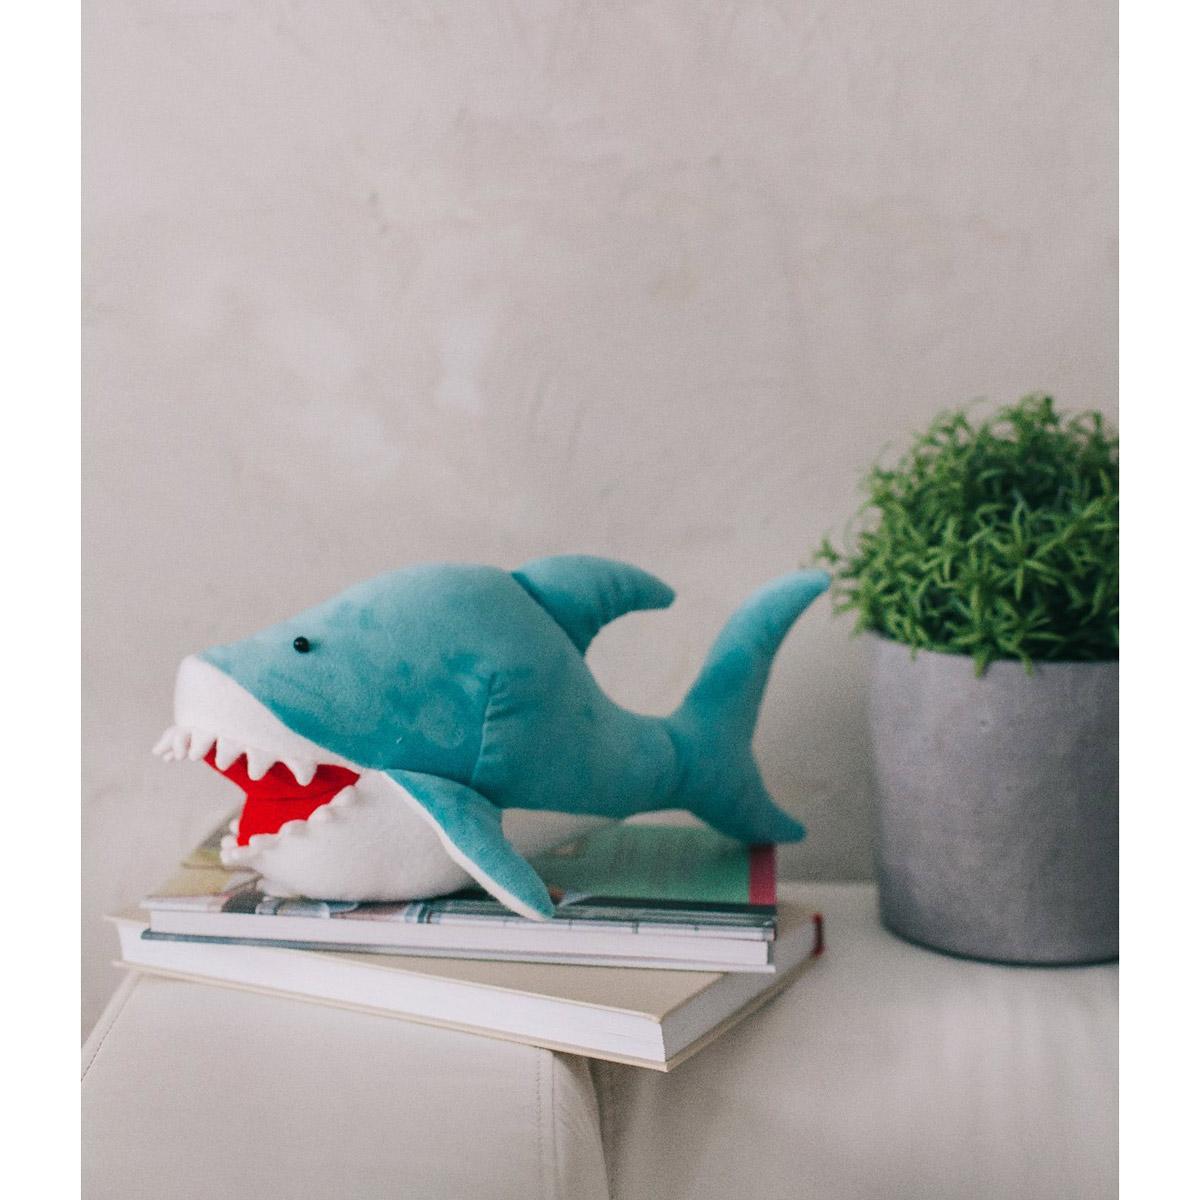 4519508 Мягкая игрушка 'Акулка', набор для шитья 15,6*22,4*5,2 см